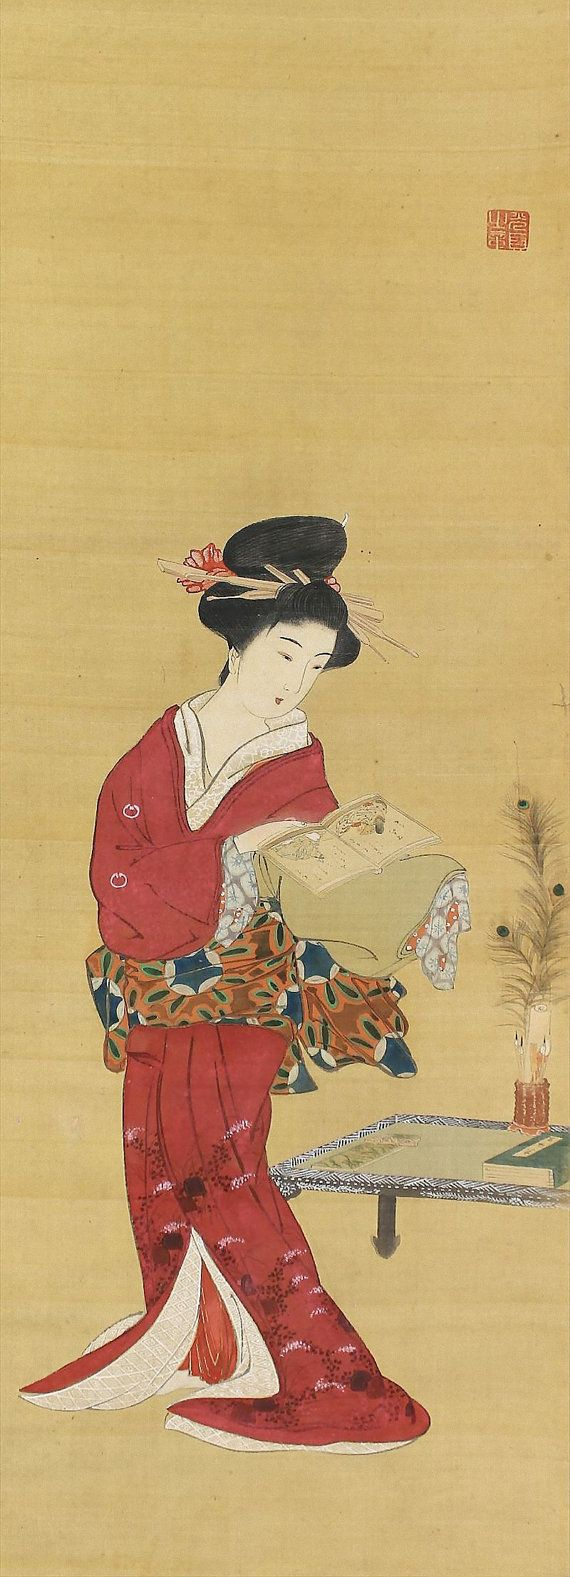 152 best ukiyo-e images by maria-regina on Pinterest | Japanese art ...